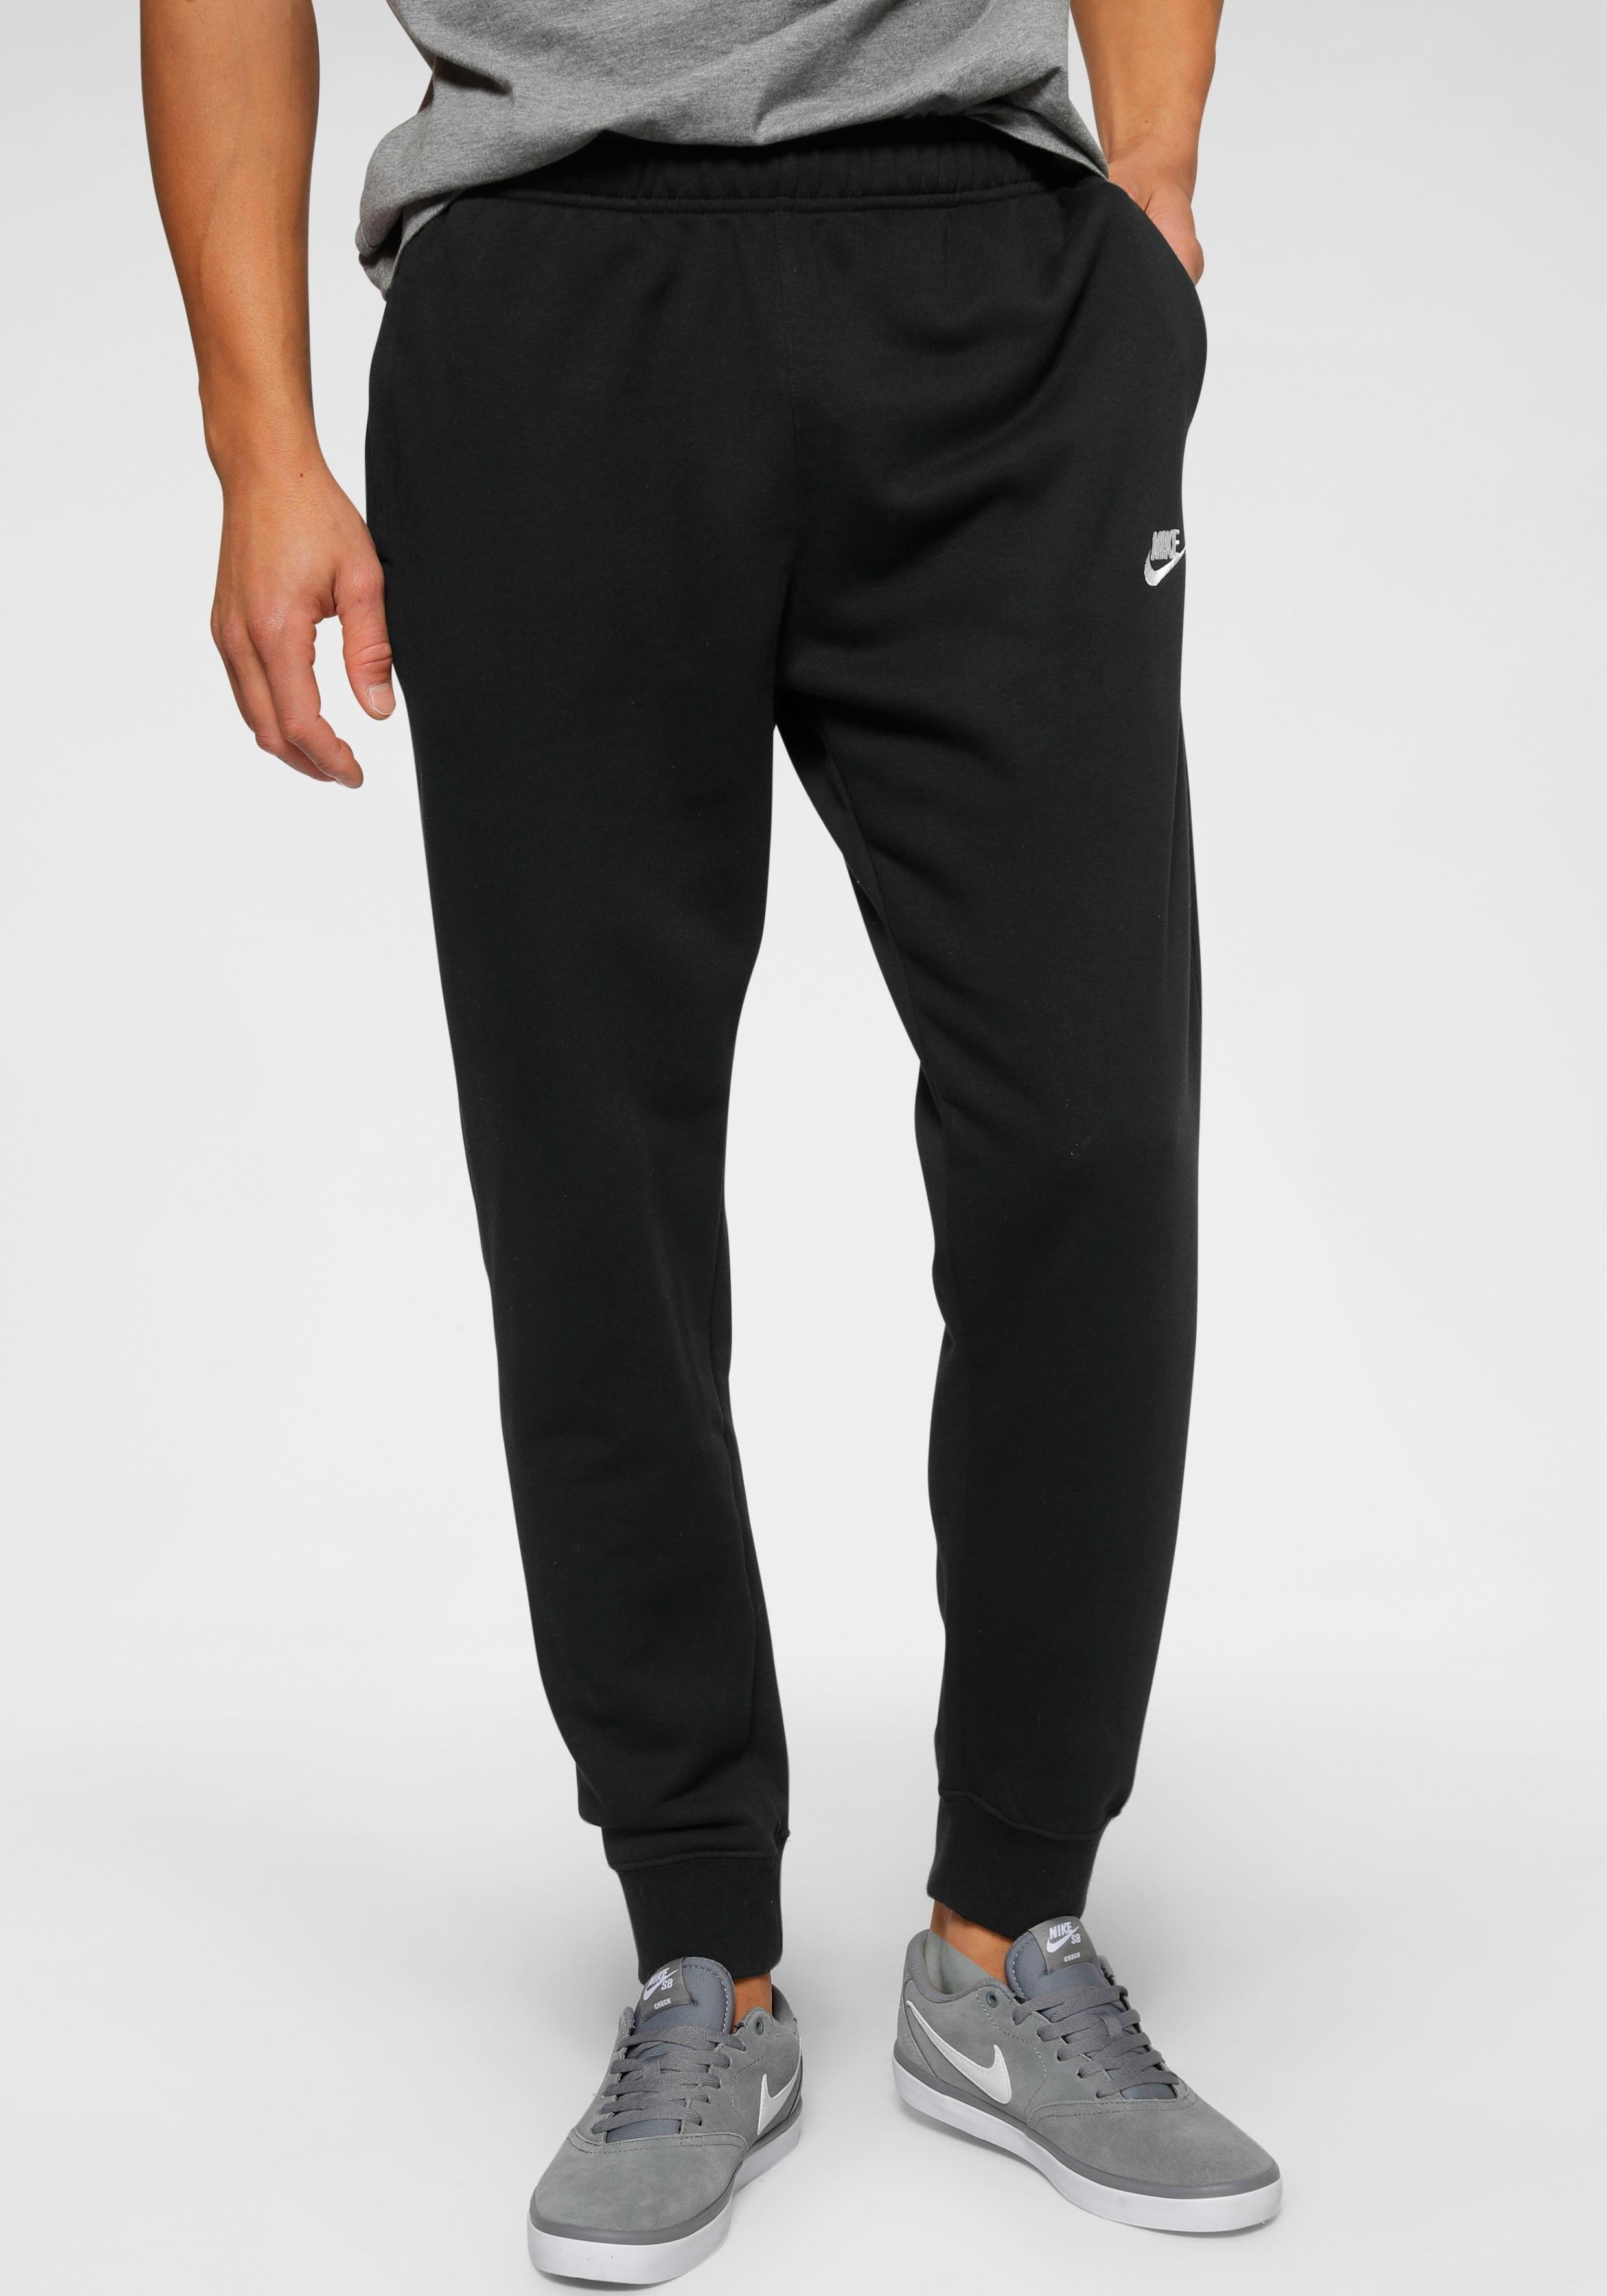 Nike Sportswear joggingbroek »M NSW CLUB JOGGER FT« nu online kopen bij OTTO